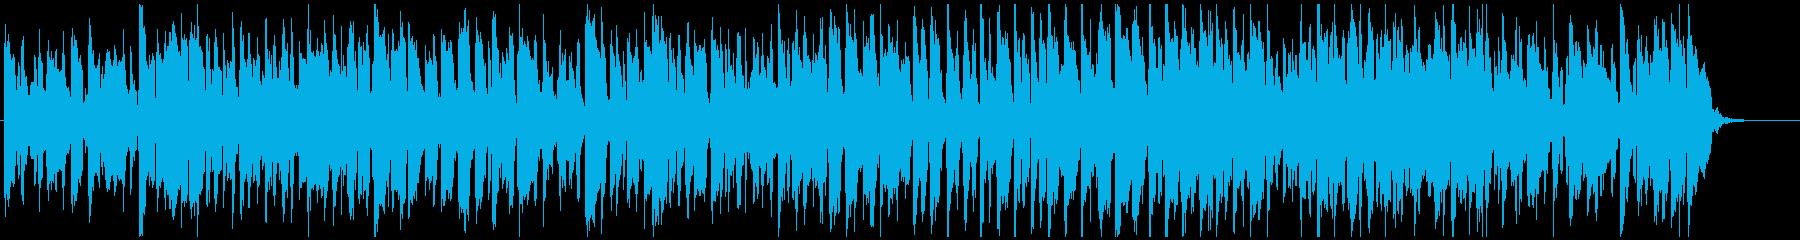 ずっこけるお笑いカートゥーン系リコーダーの再生済みの波形